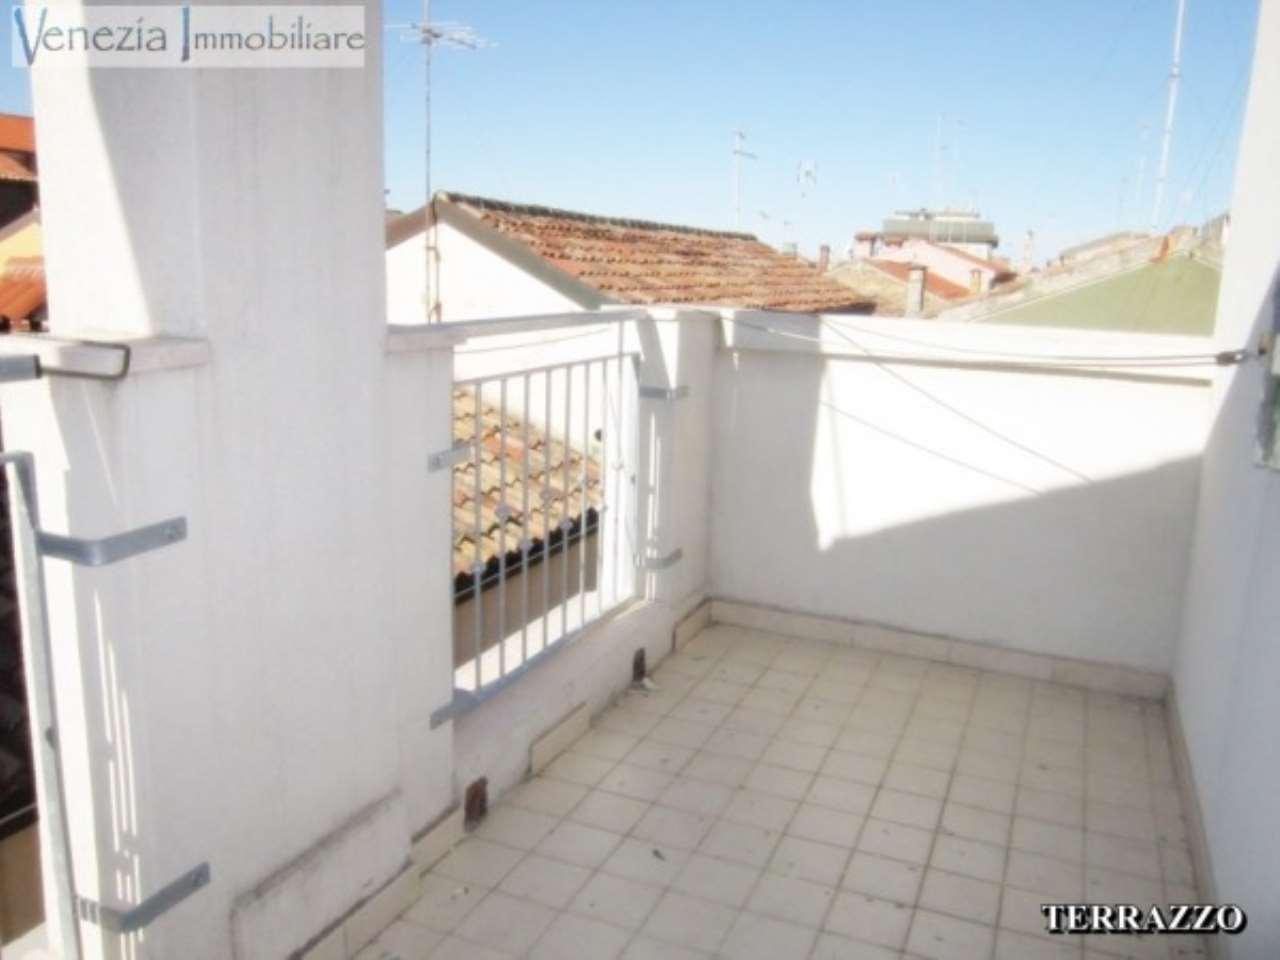 Soluzione Indipendente in vendita a Chioggia, 4 locali, prezzo € 90.000 | CambioCasa.it